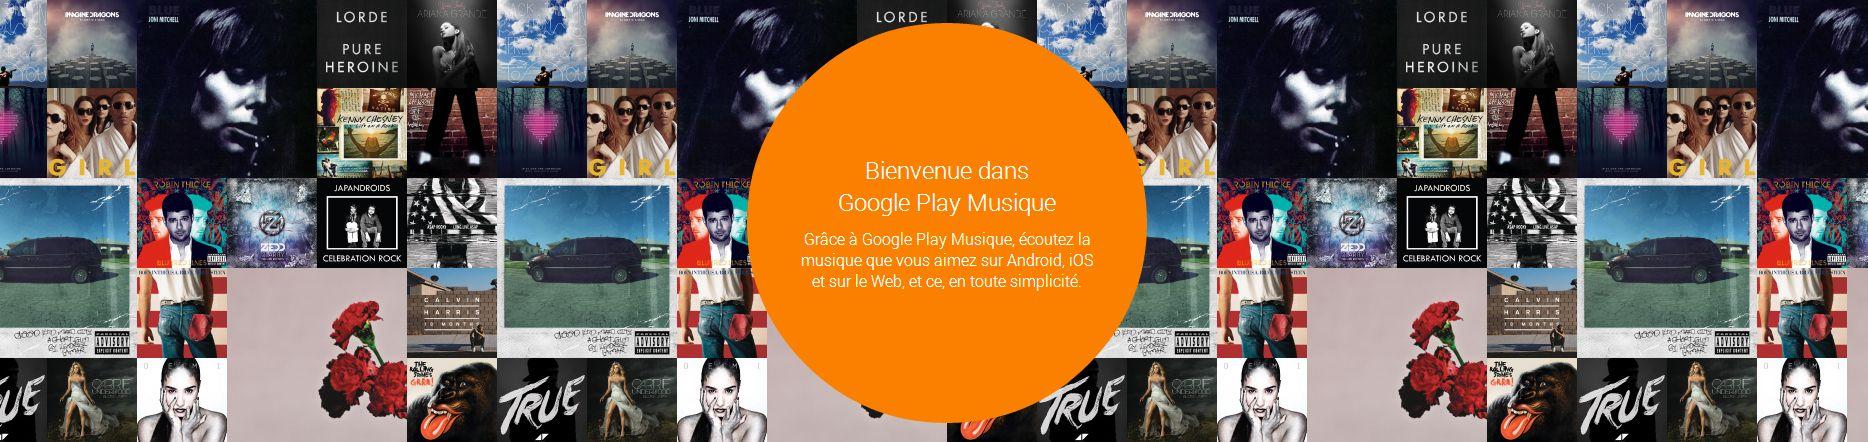 Google serait sur le point de racheter un important site de streaming musical